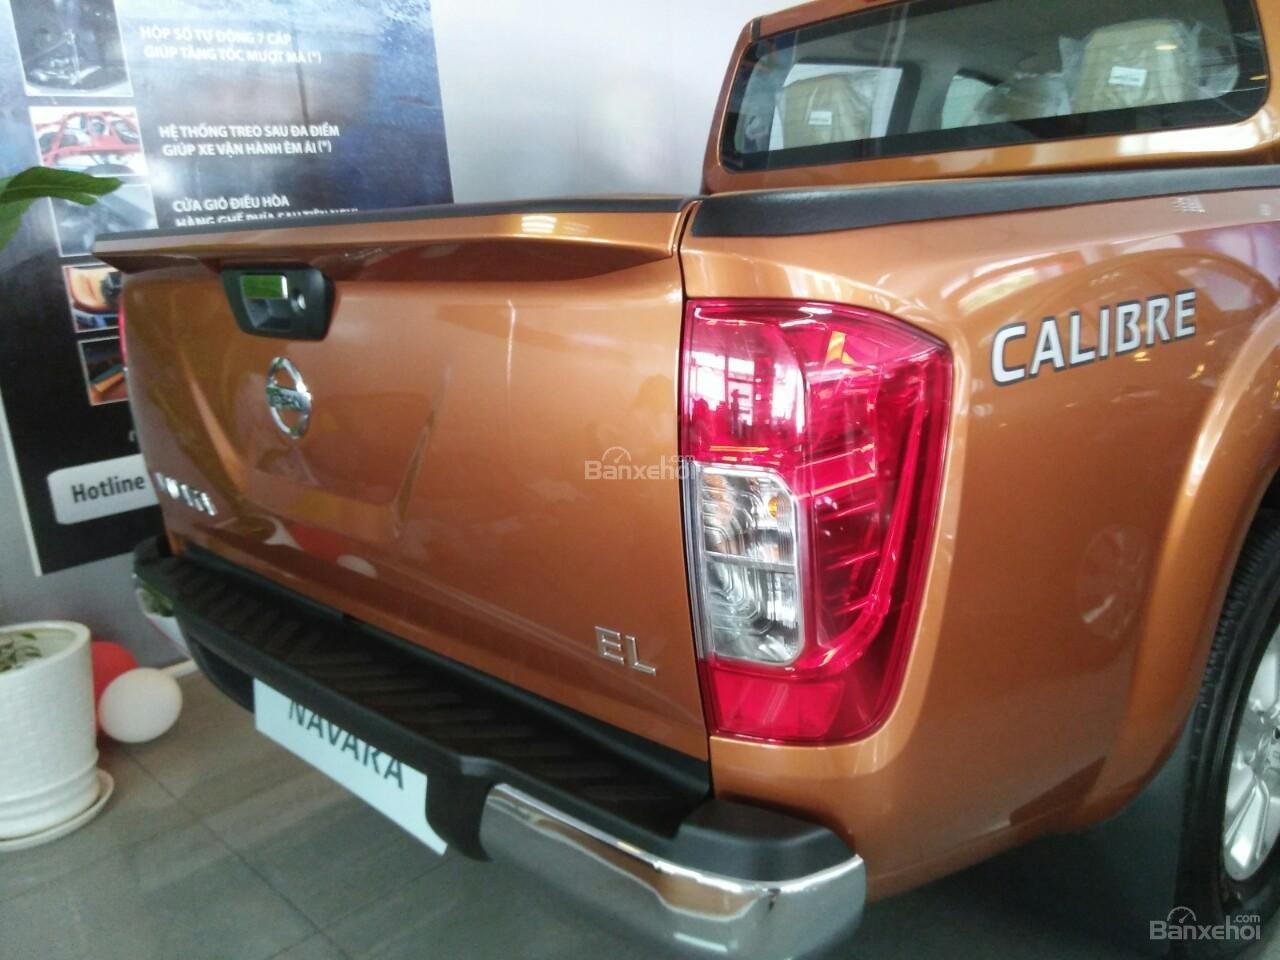 Bán xe Nissan Navara El full màu, giá ưu đãi cuối năm, hỗ trợ ngân hàng 80%, giao xe ngay-3